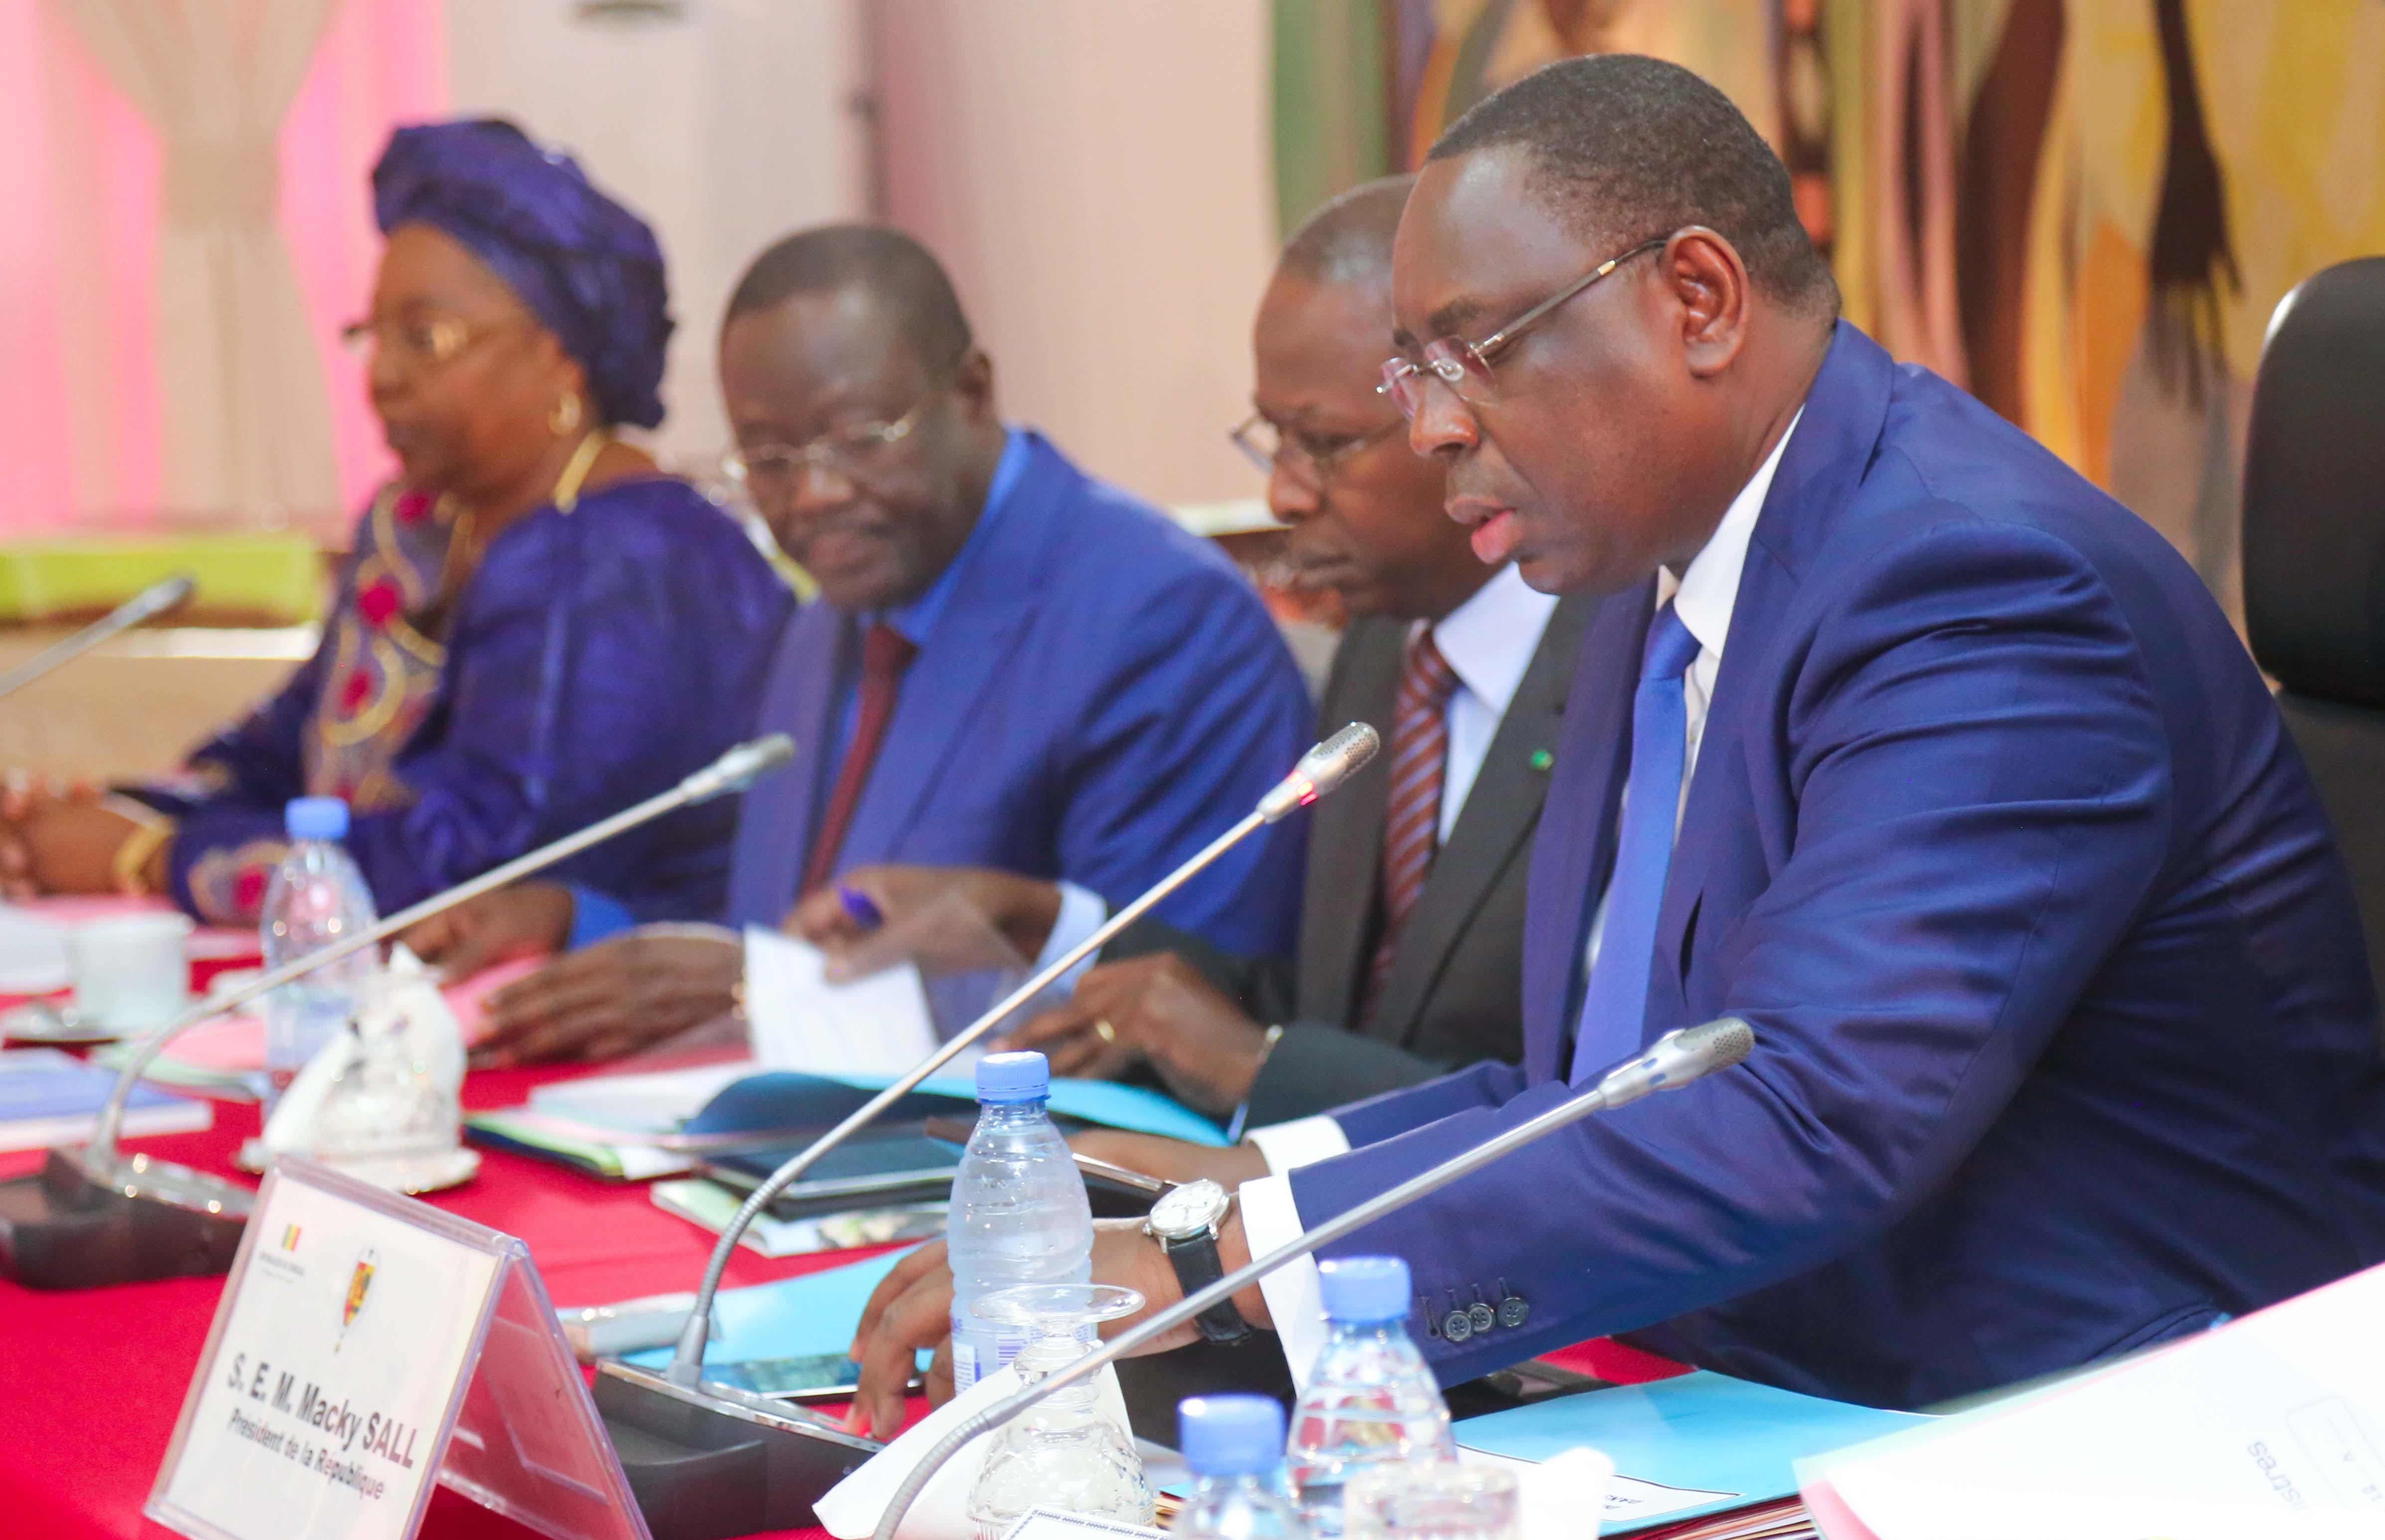 Pour ressusciter l'espoir des Sénégalais : Macky II, questions autour d'un Gouvernement